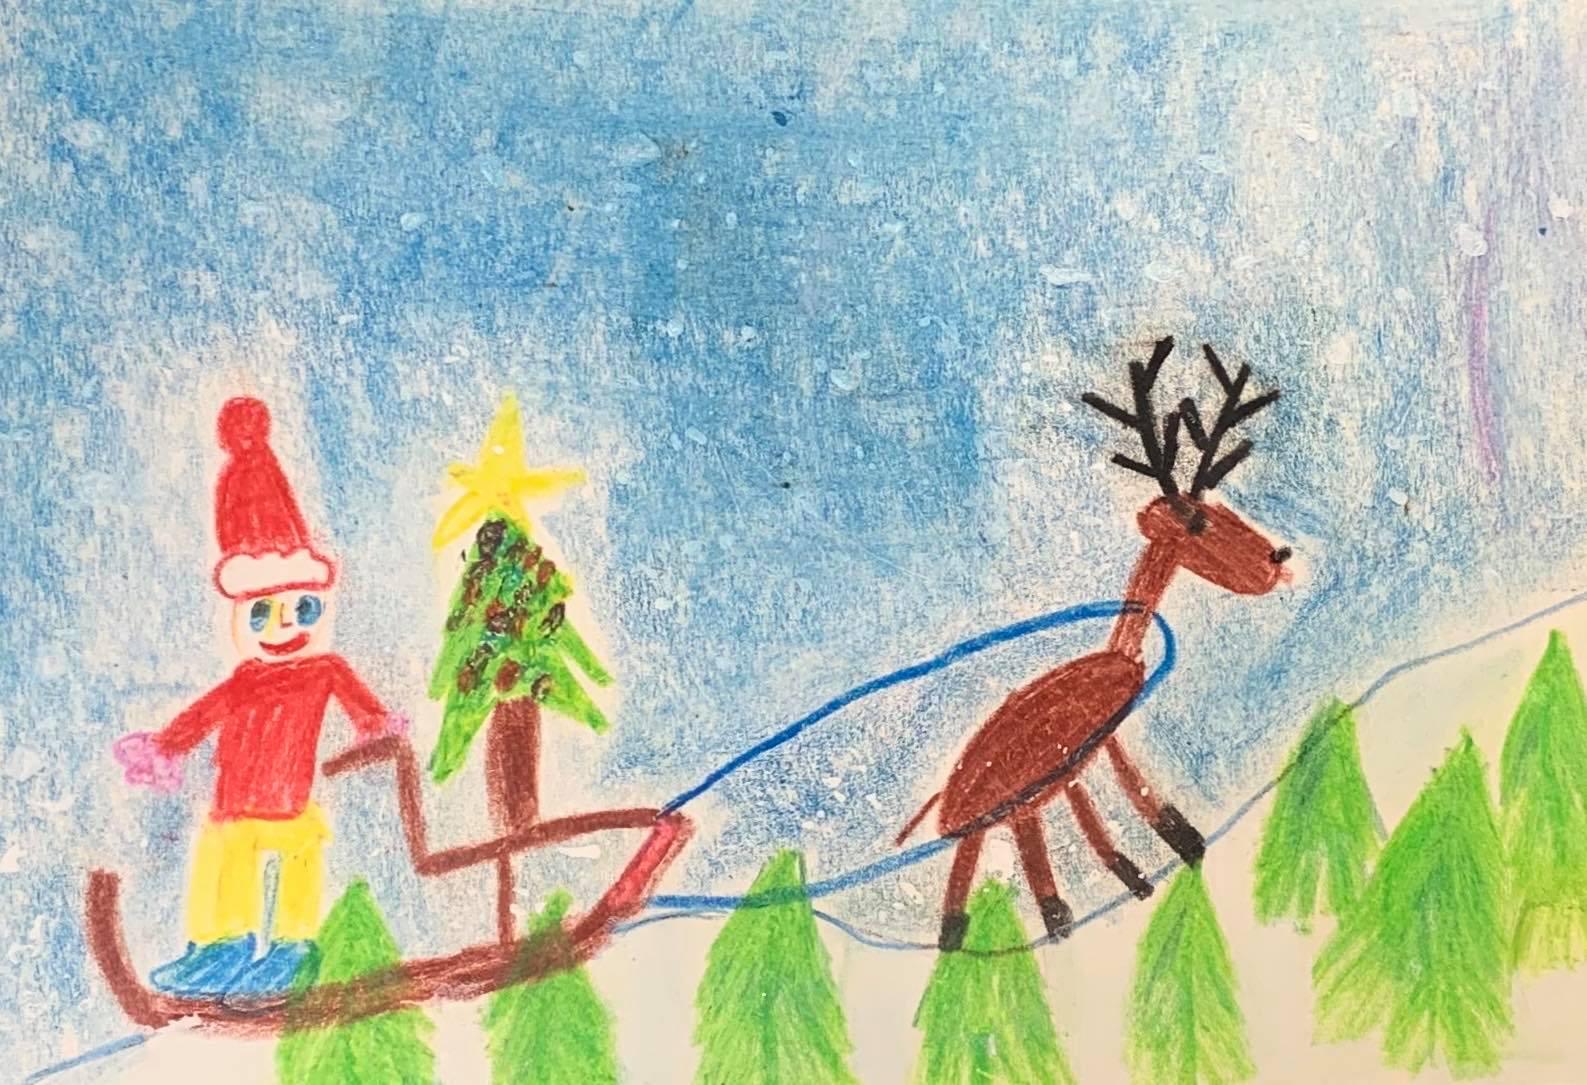 Mustamäe tänavuse jõulukaardi autor on Ruslan Sõtdõkov lasteaiast Delfiin